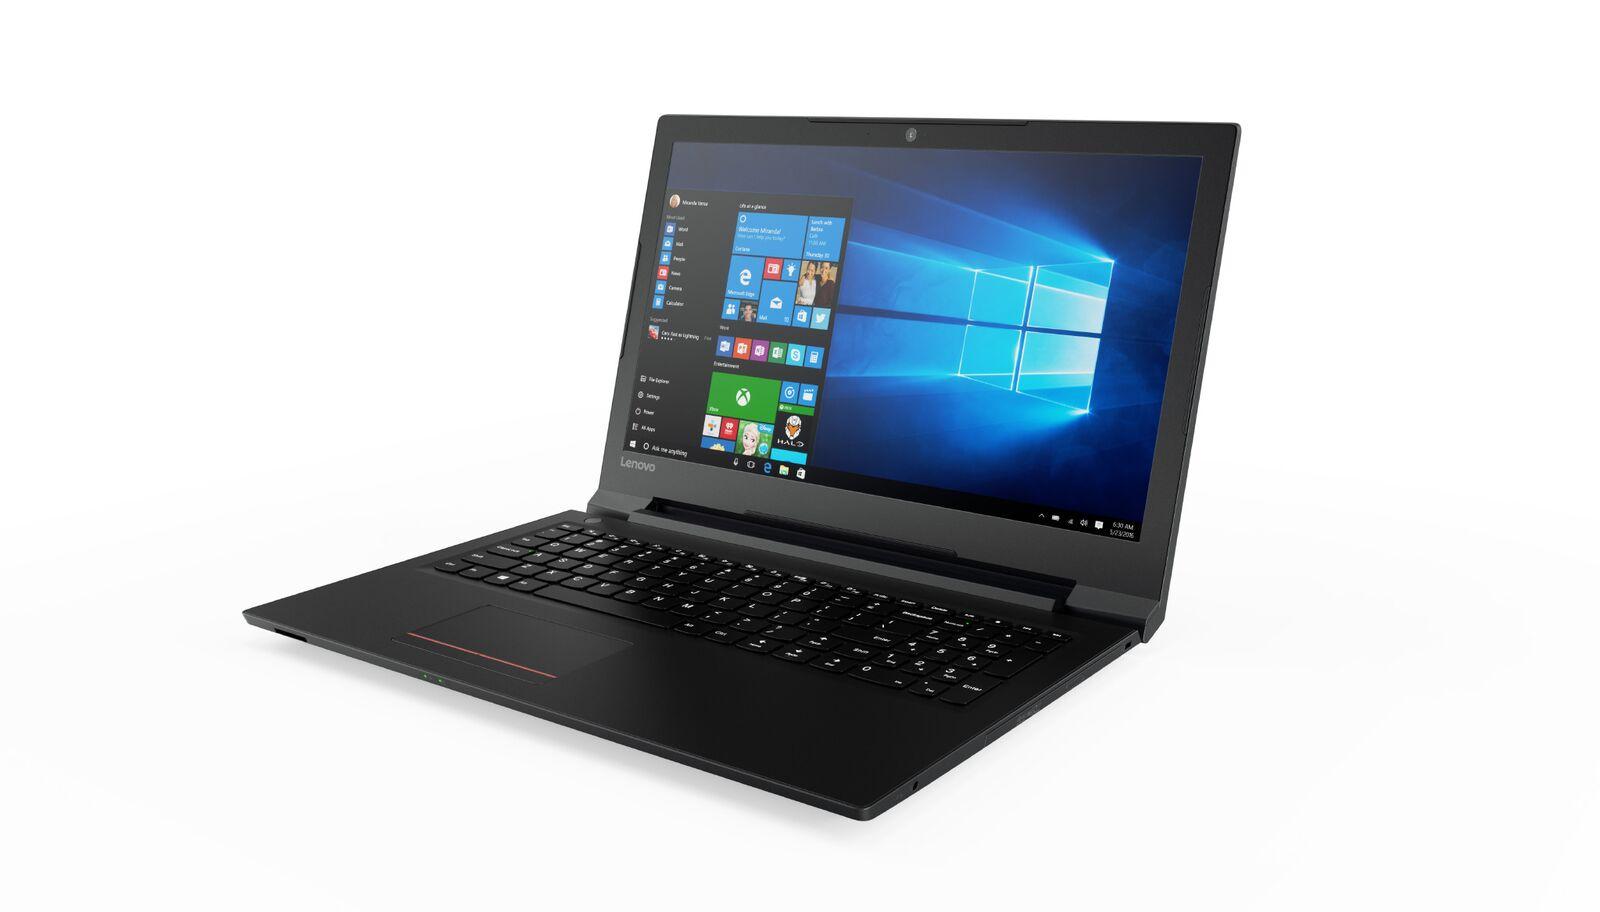 Lenovo V110 15.6HD/i3-6006U/1TB/8GB/AMD/DVD/W10